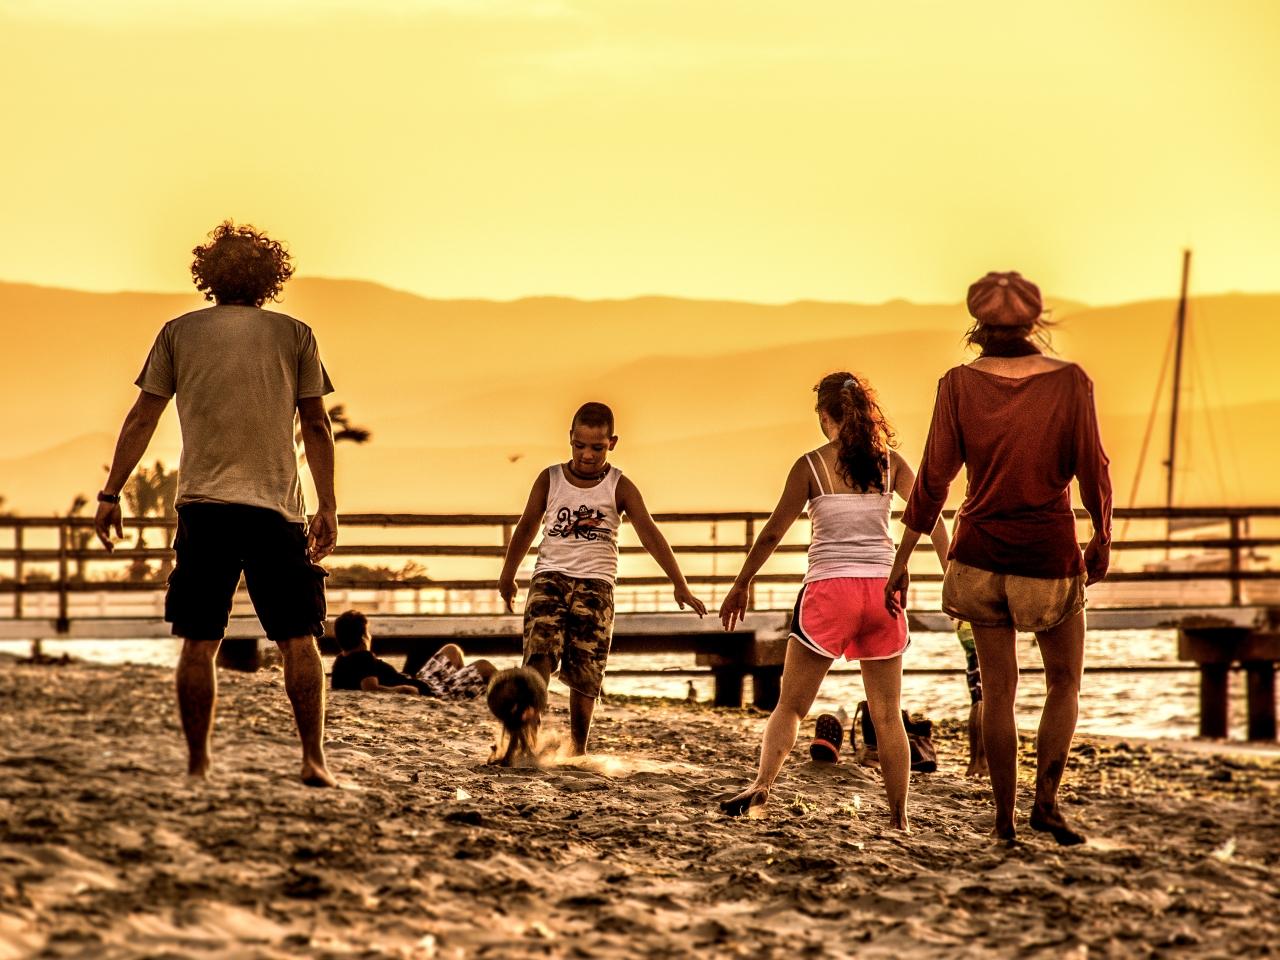 Futbol en la playa - 1280x960